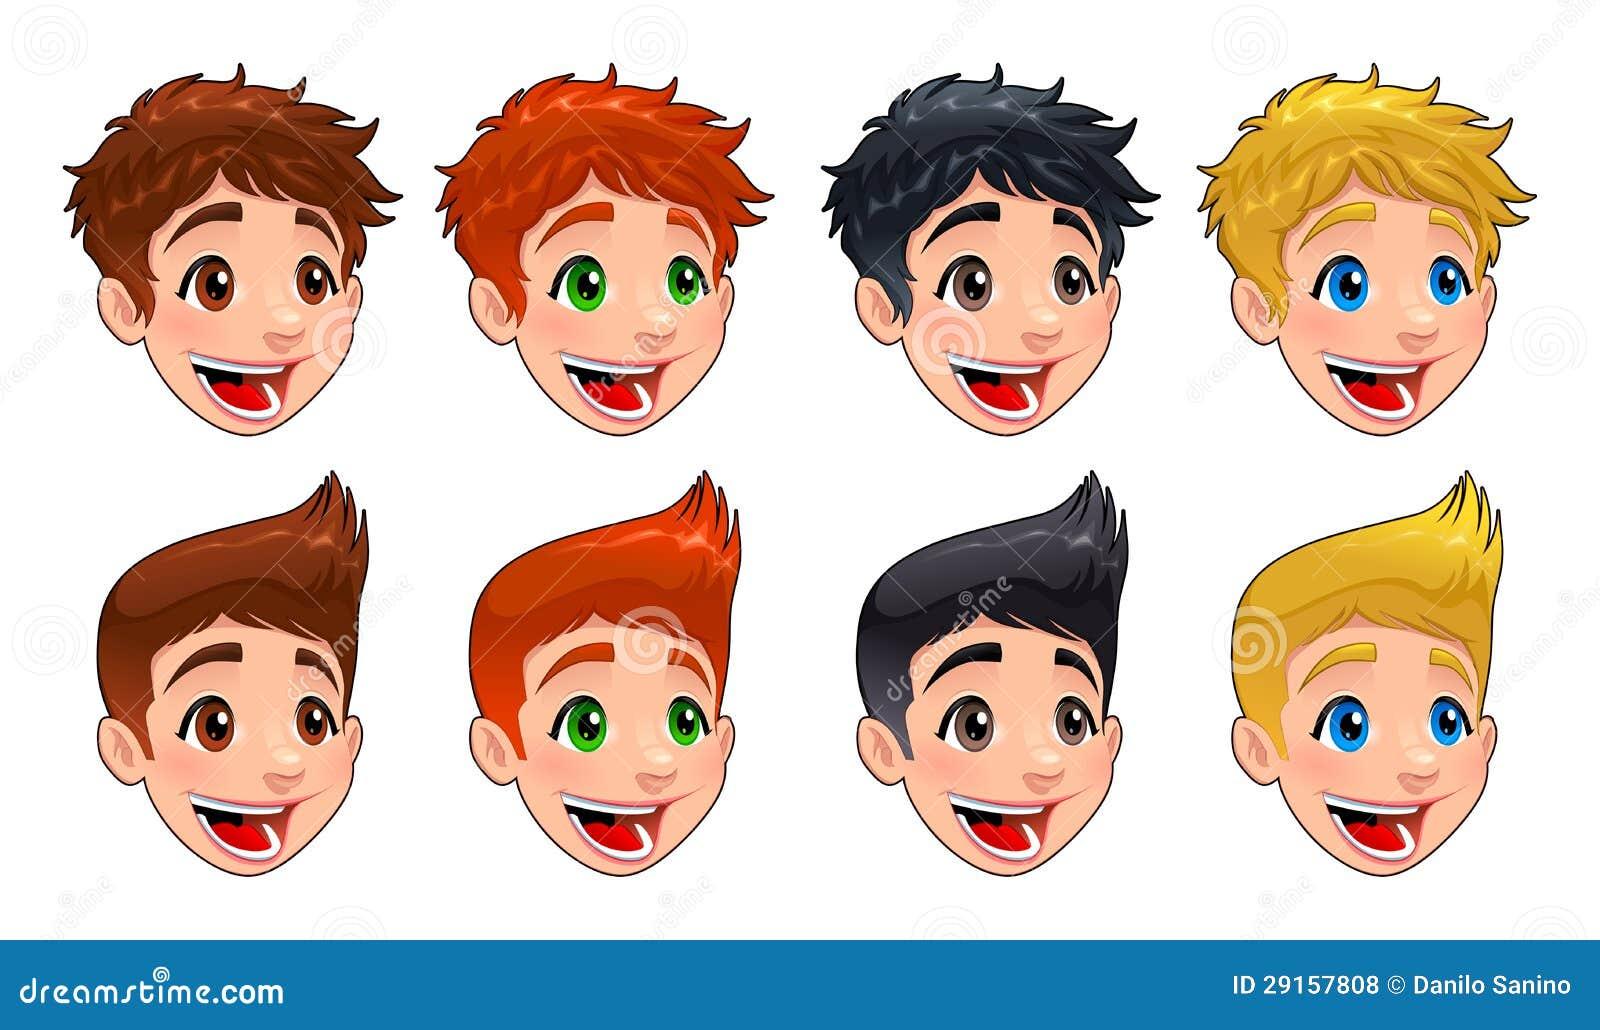 Red hair vs short hair 6